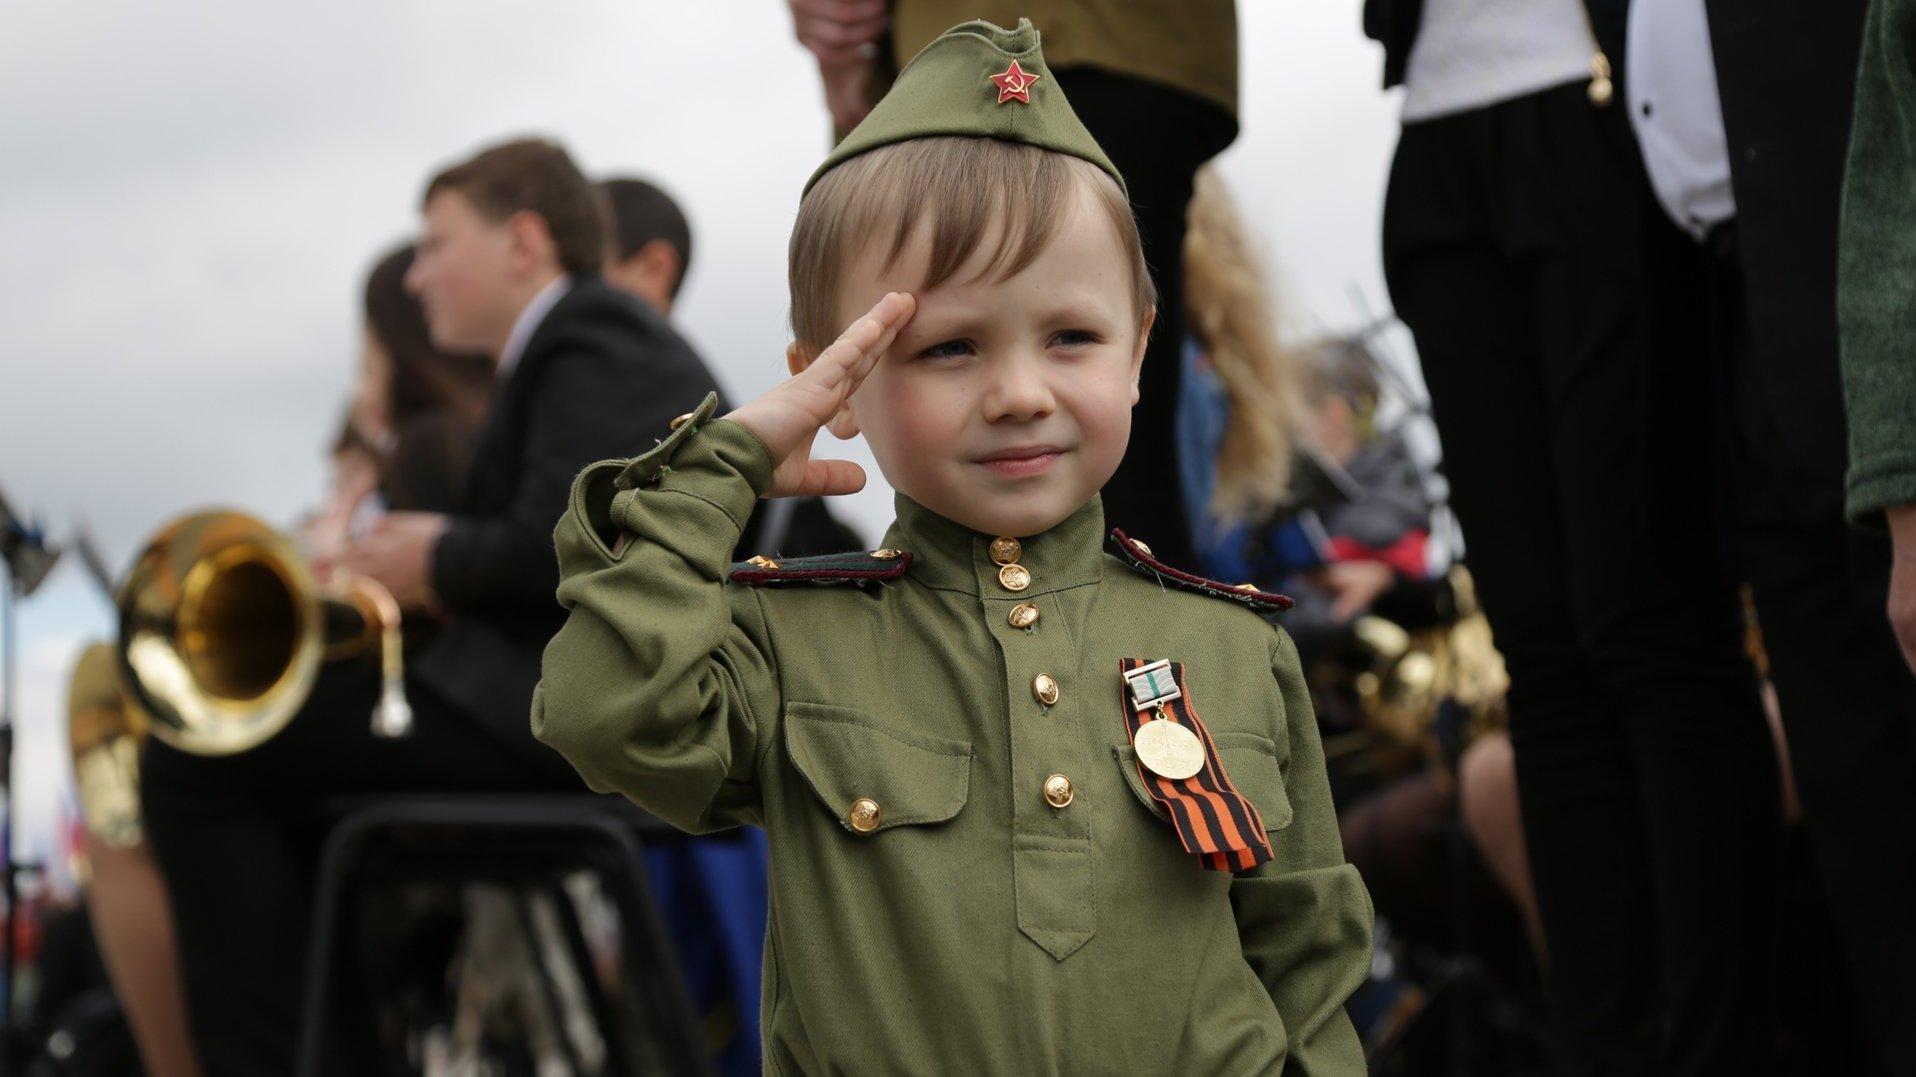 Дети из Тверской области стали призерами конкурса песен военных лет